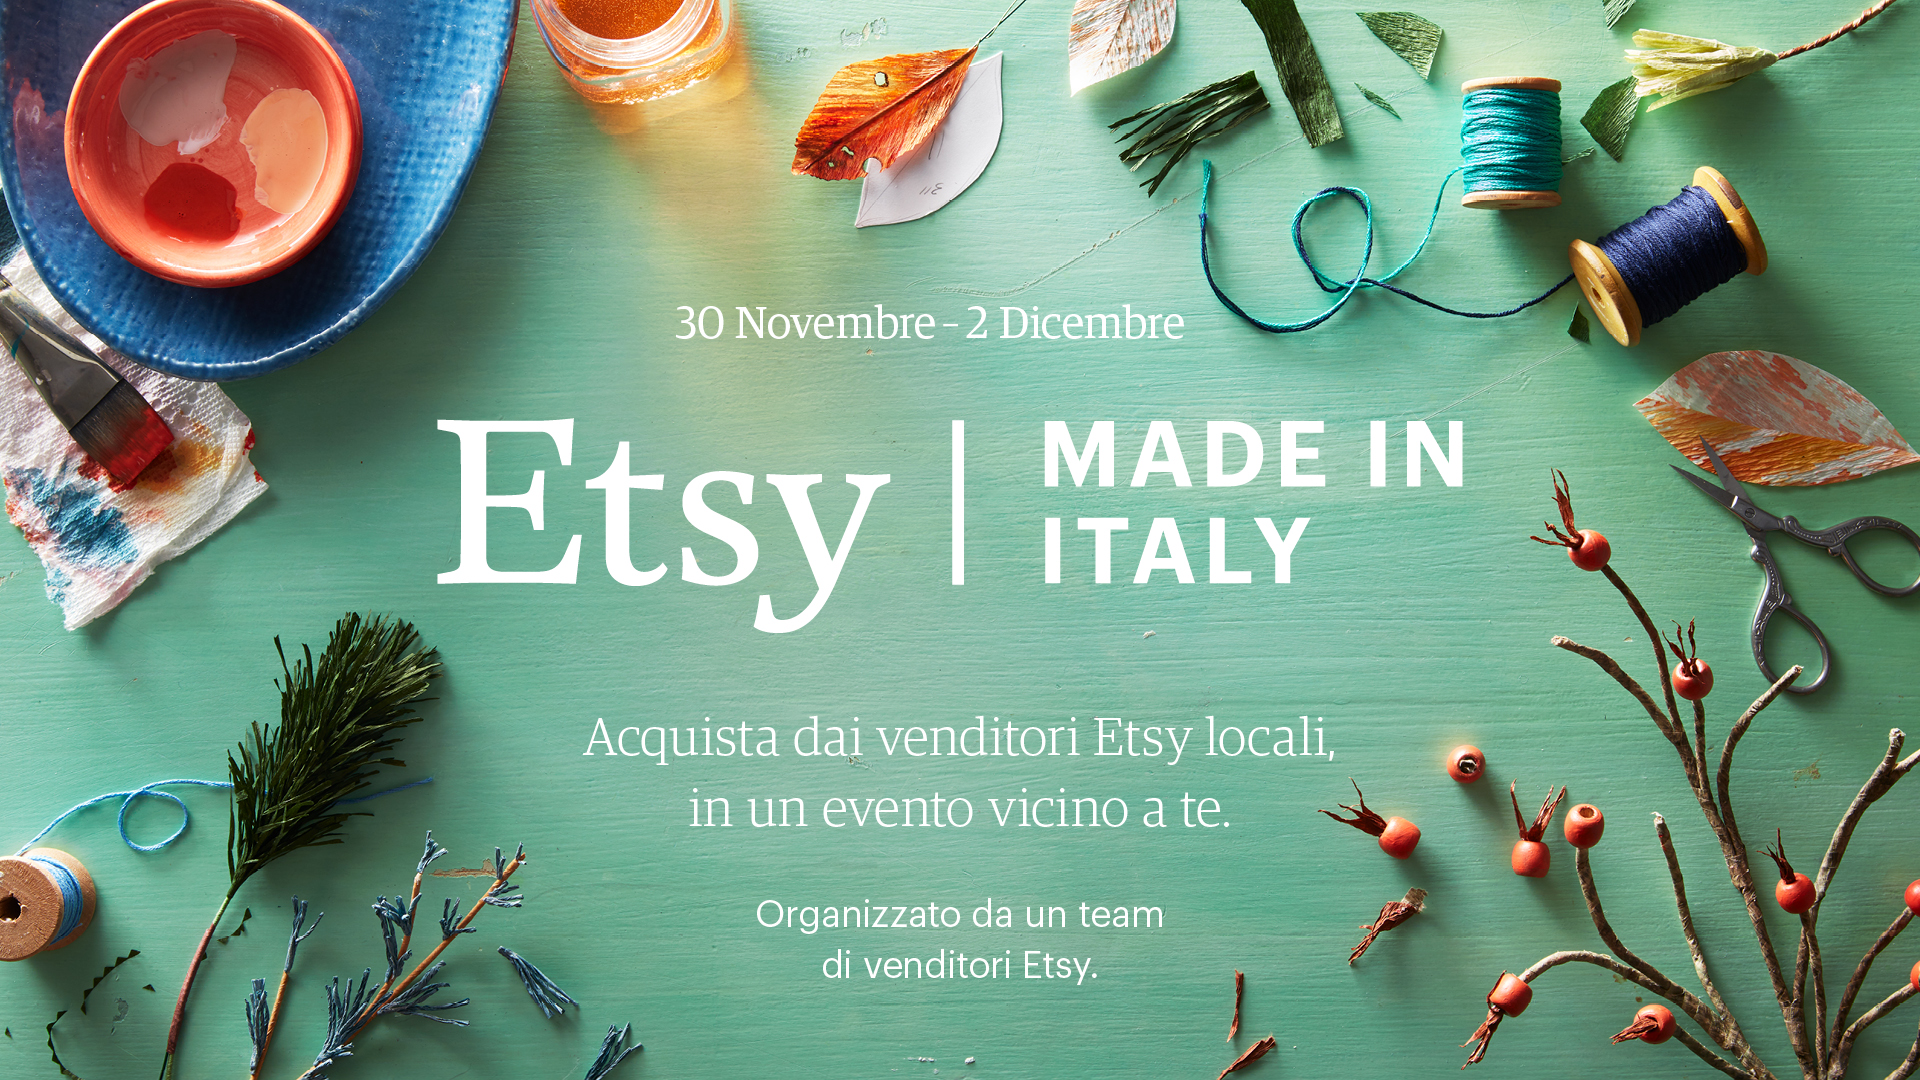 Mi.La Comunicazione - Made in Italy FabricUp accende il Natale romano di Etsy 1